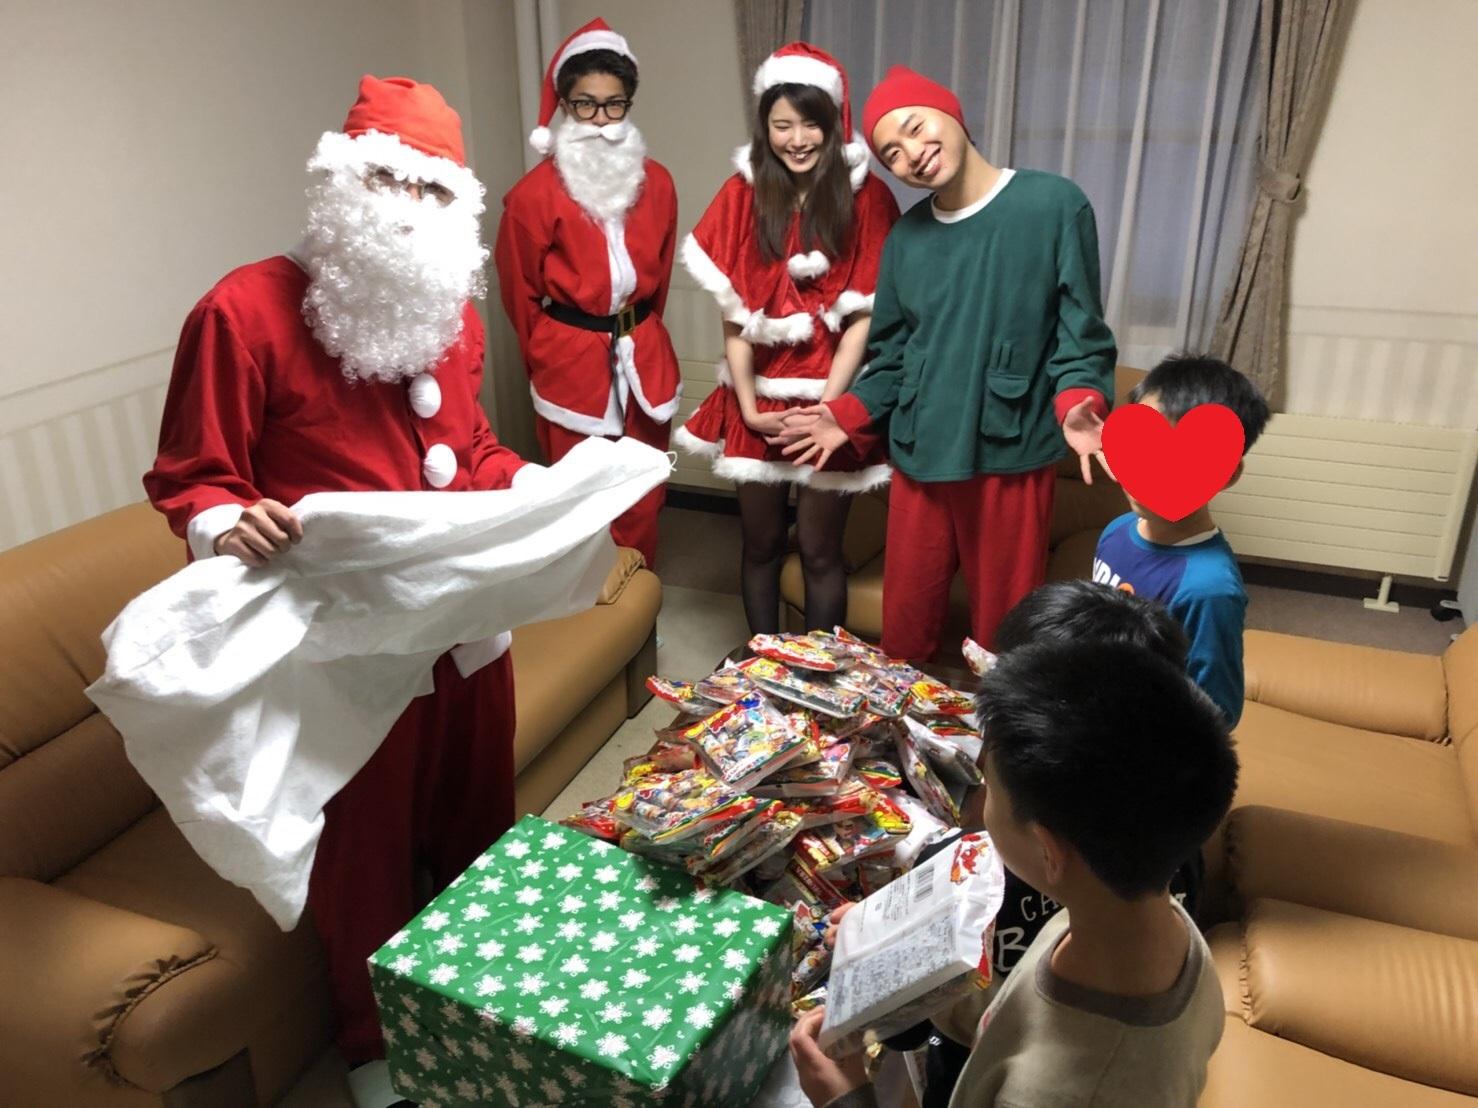 12月27日(水)トミーベース カスタムブログ☆LS600撮影開始!!サンタは大忙し!_b0127002_22595909.jpg